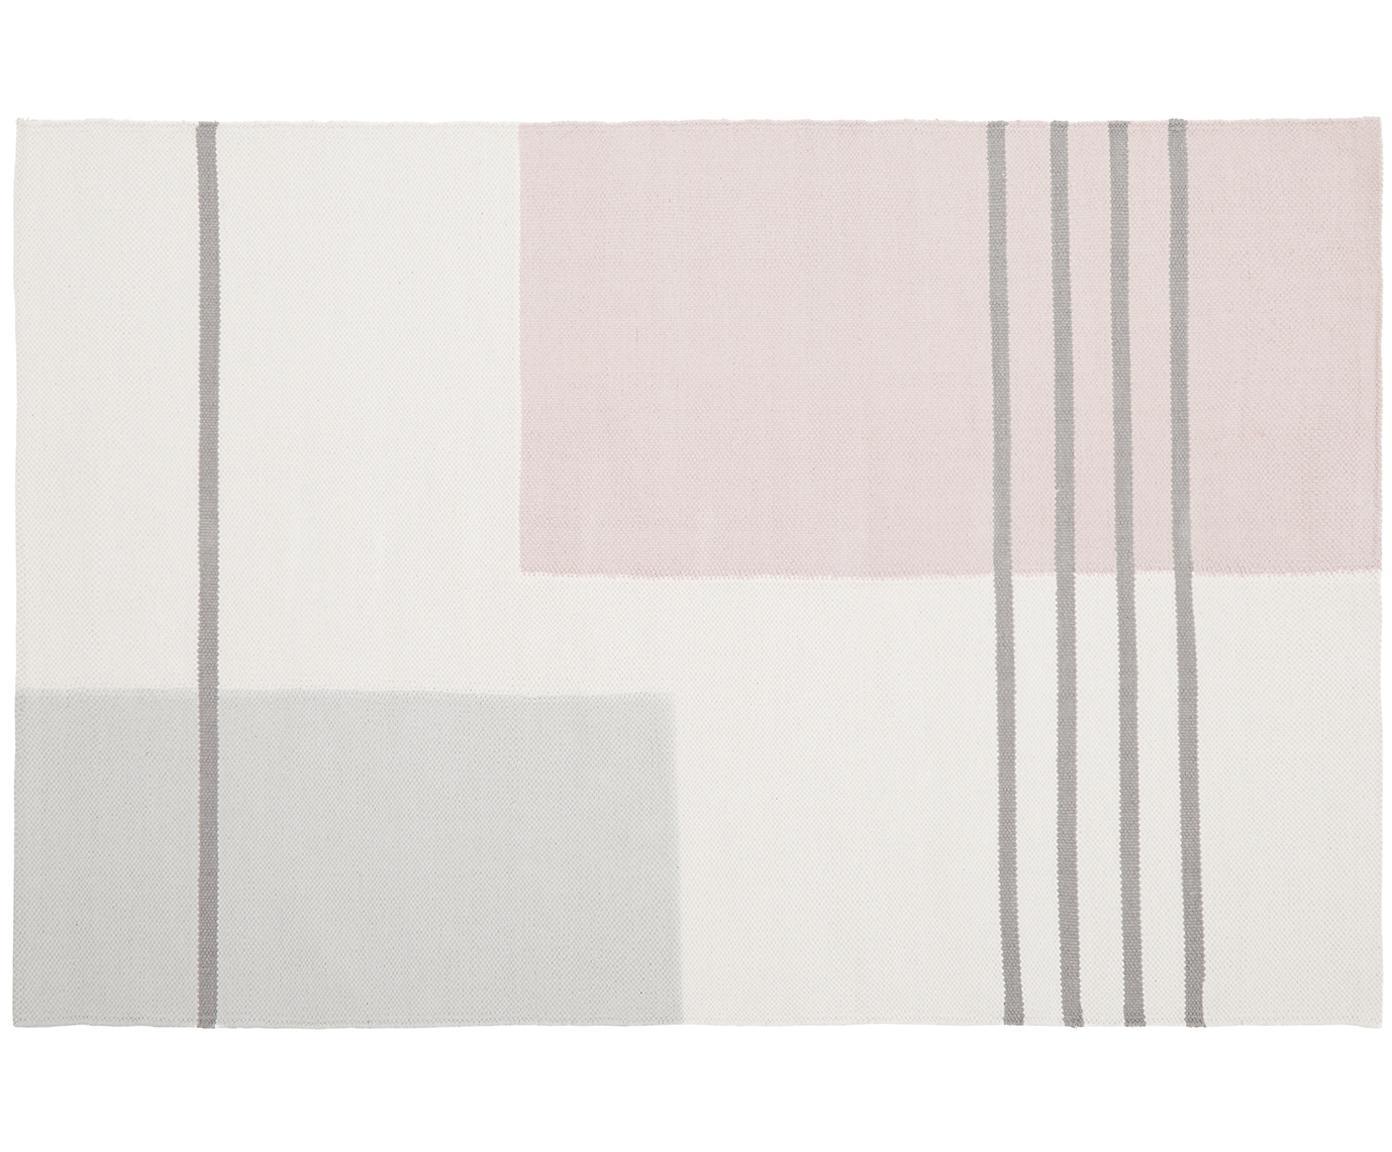 Dywan z bawełny Georgio, Bawełna, Szary, beżowy, blady różowy, S 120 x D 180 cm (Rozmiar S)